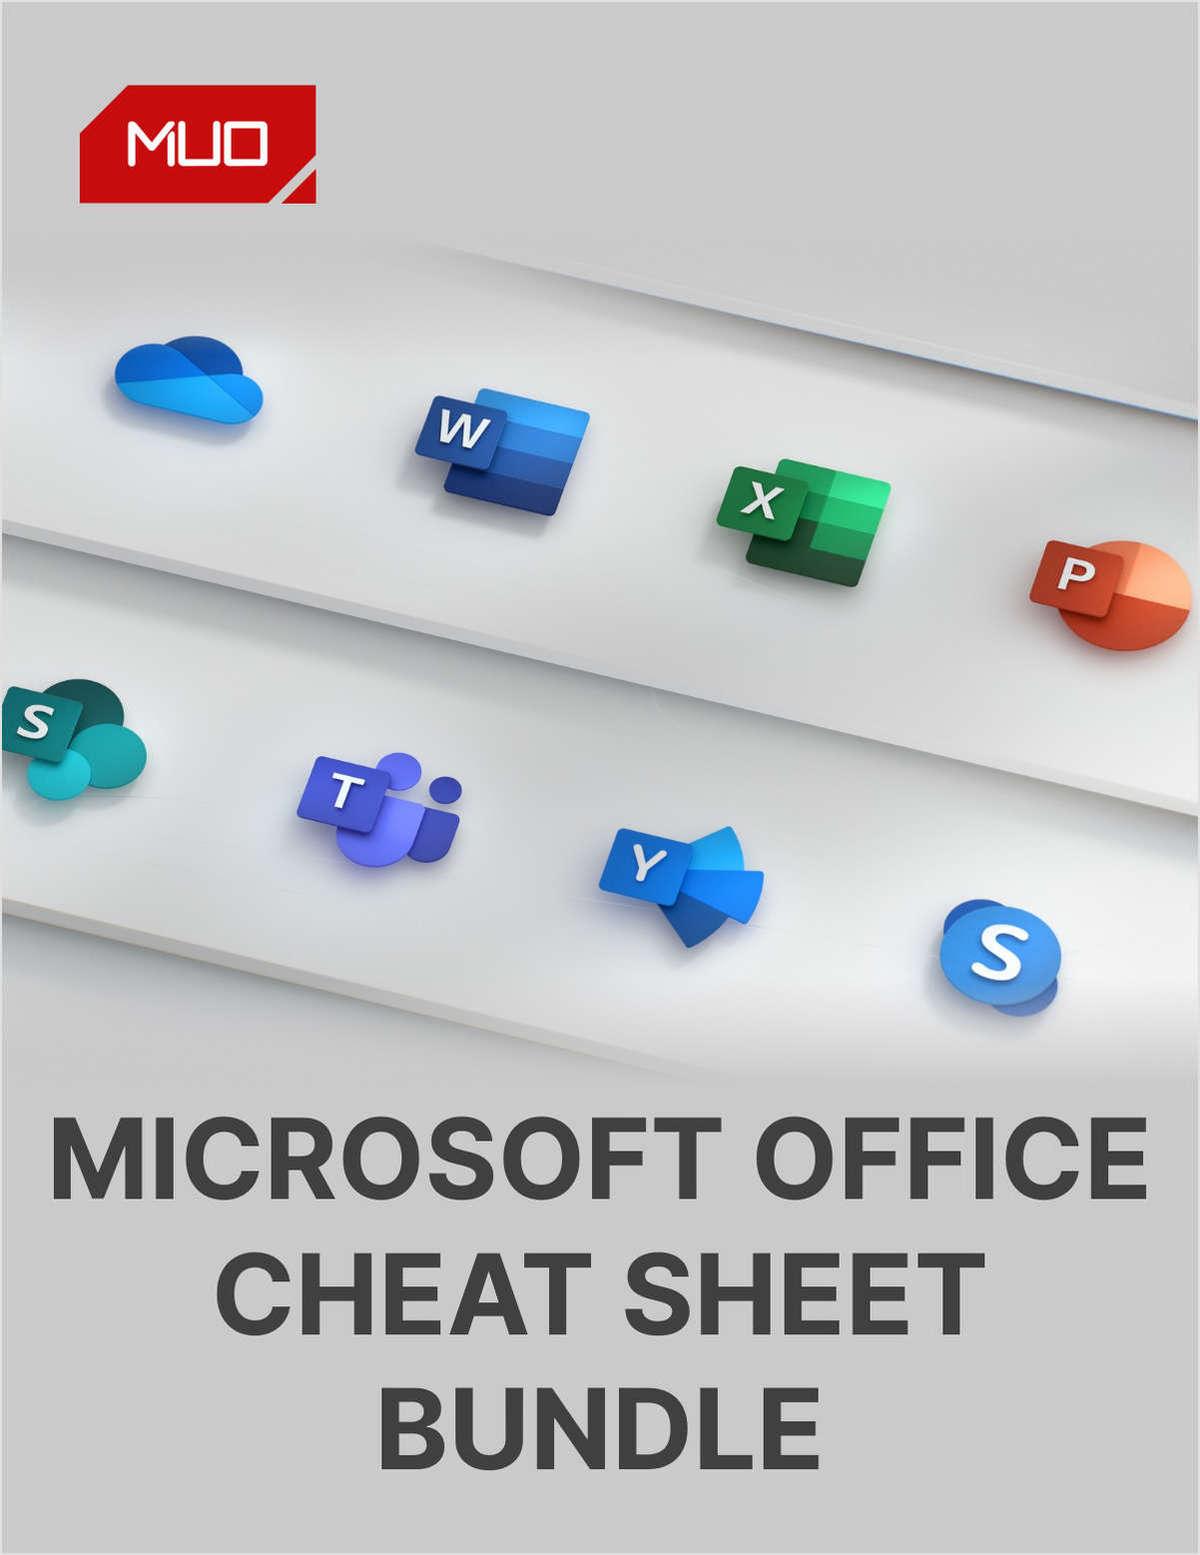 Microsoft Office Cheat Sheet Bundle